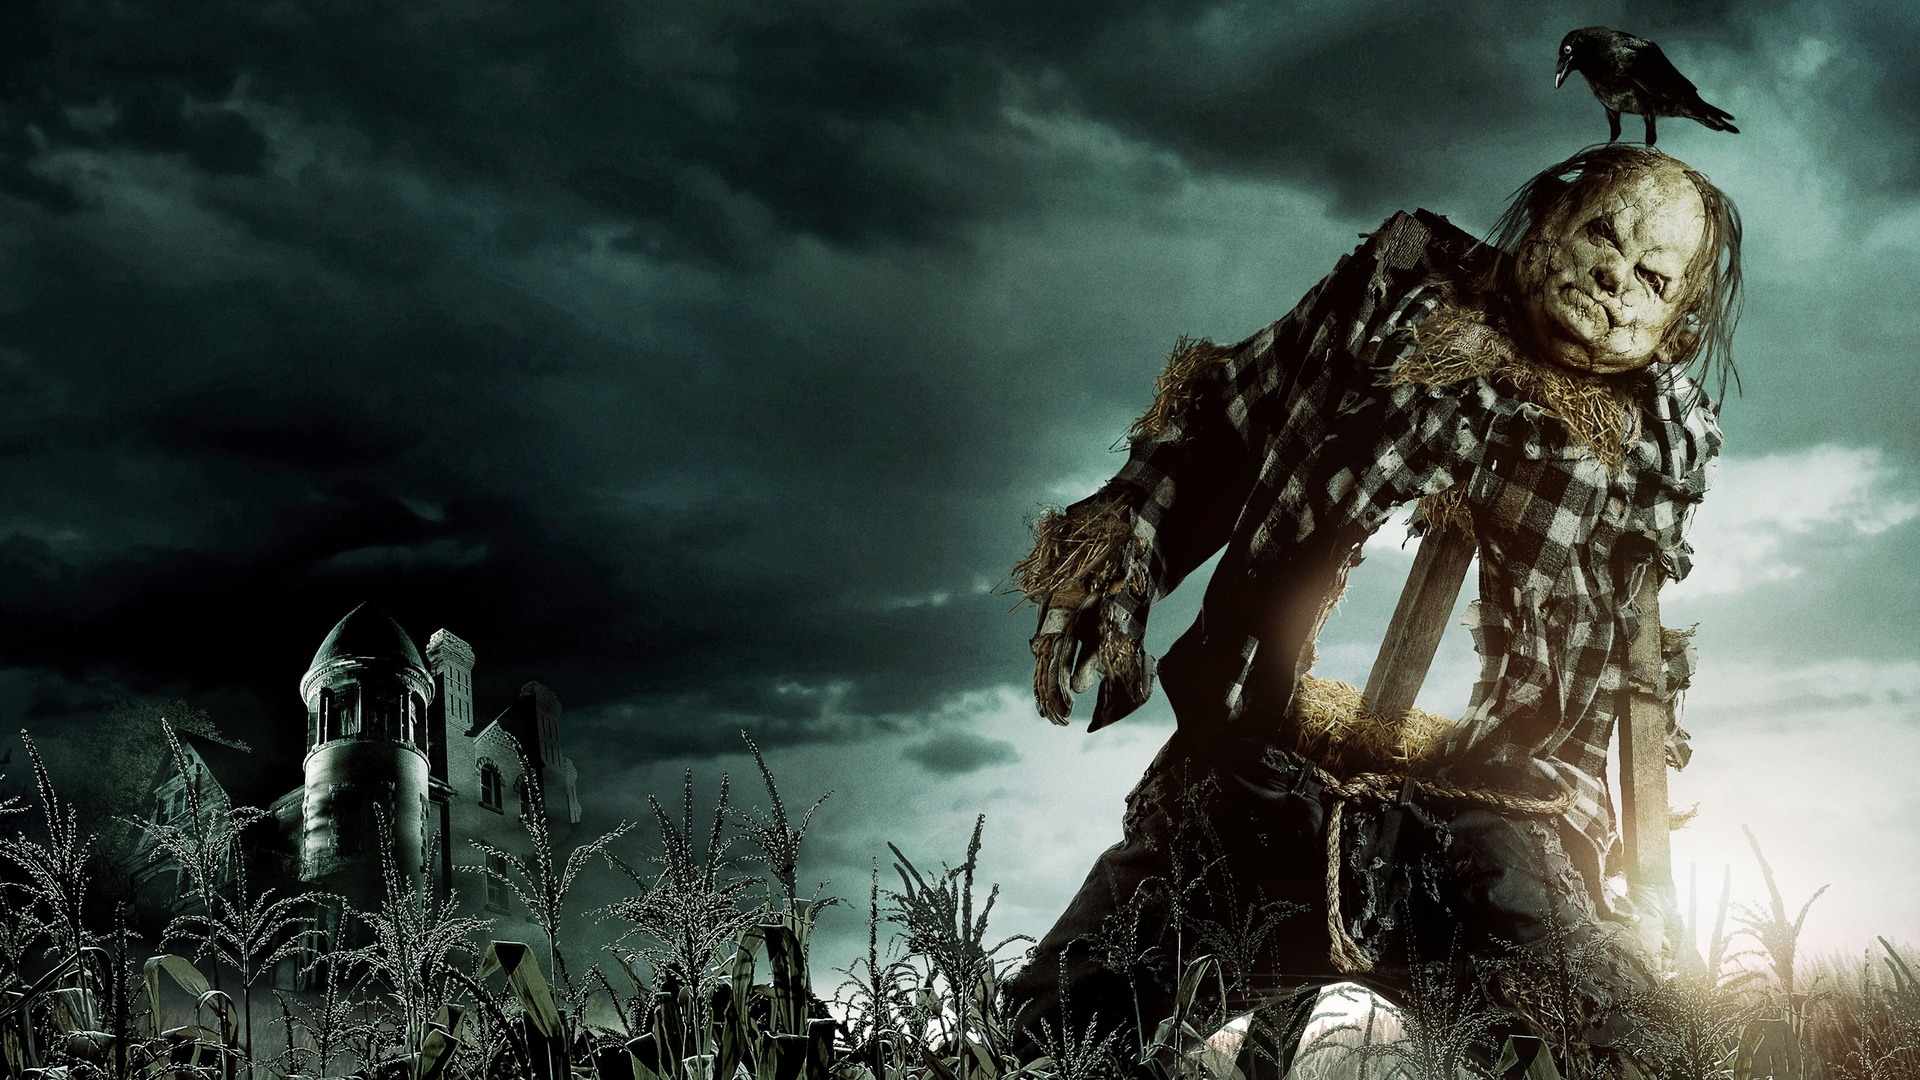 Scary Stories to Tell in the Dark de Guillermo del Toro revela fenomenal tráiler completo